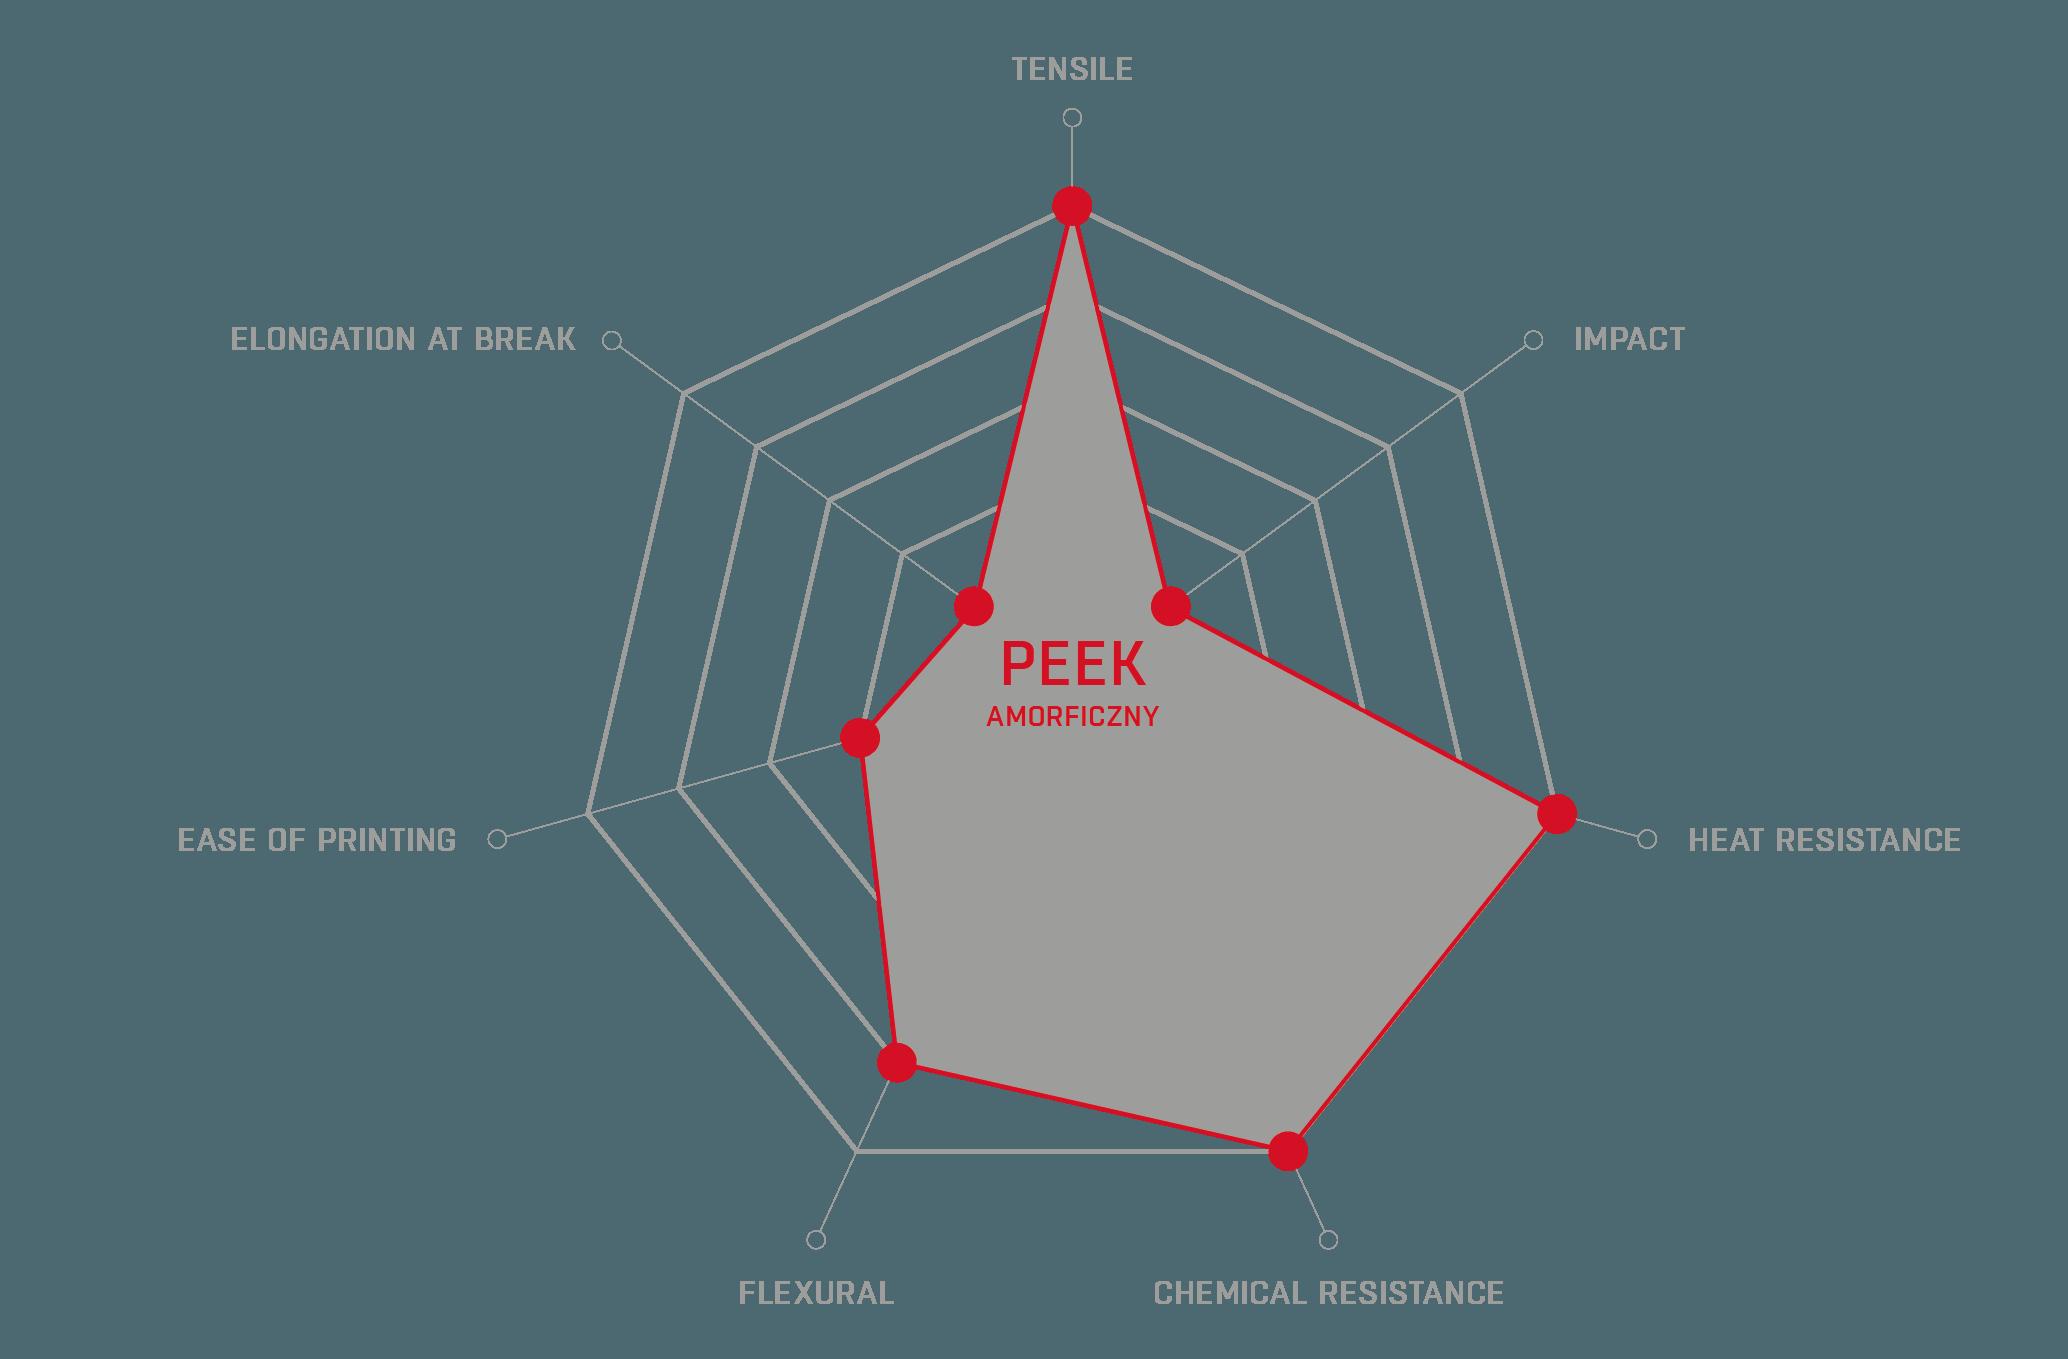 PEEK radar